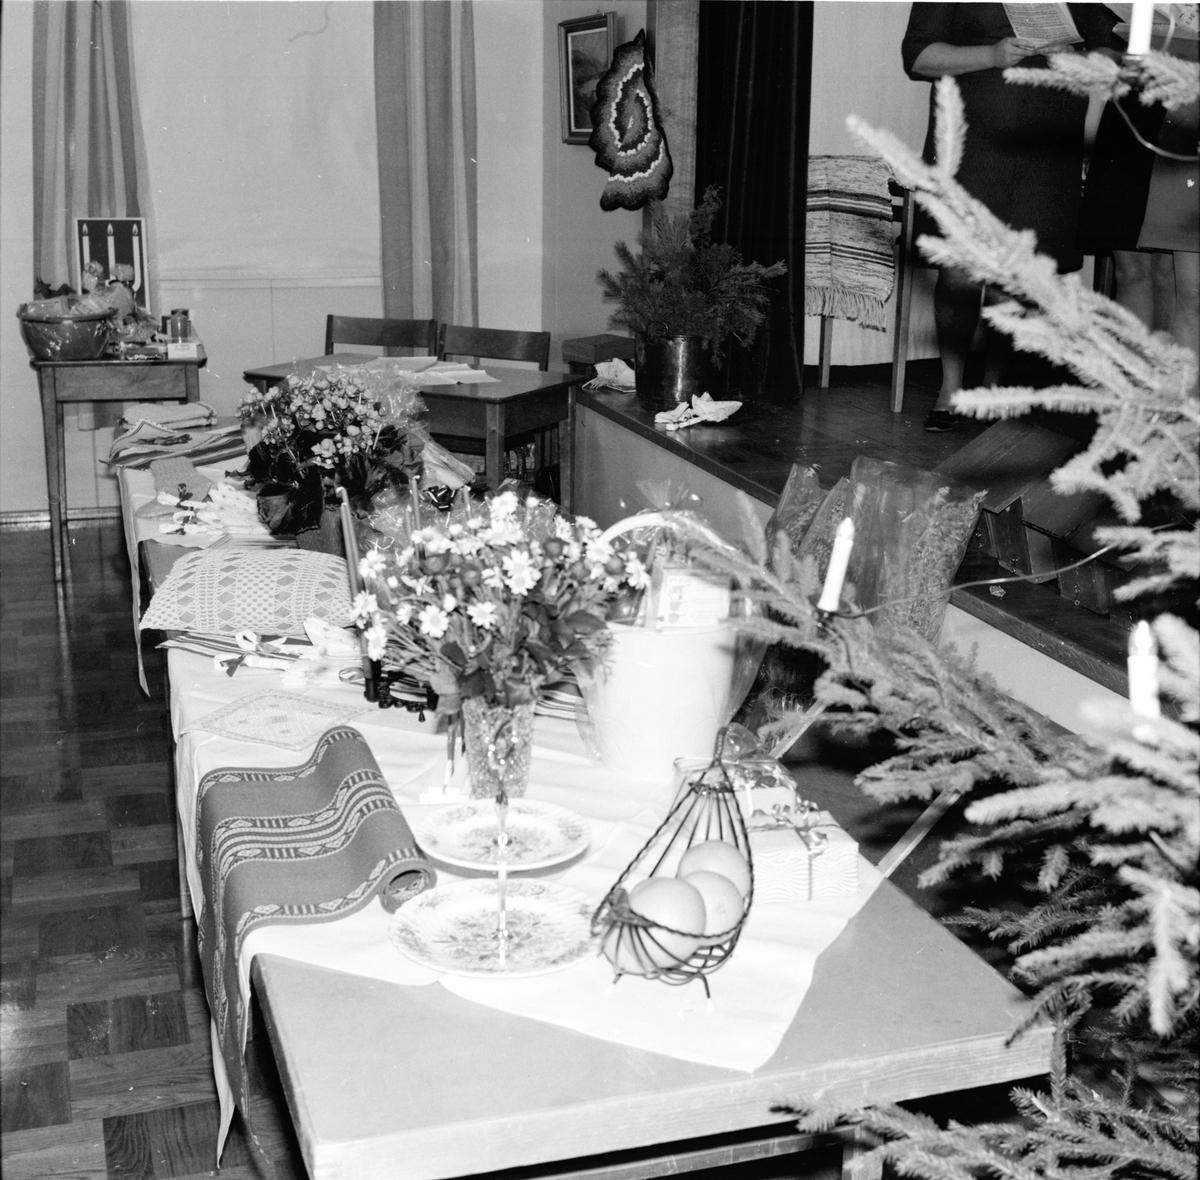 Flästa, Logens julfest, Kören sjunger, Dec 1969